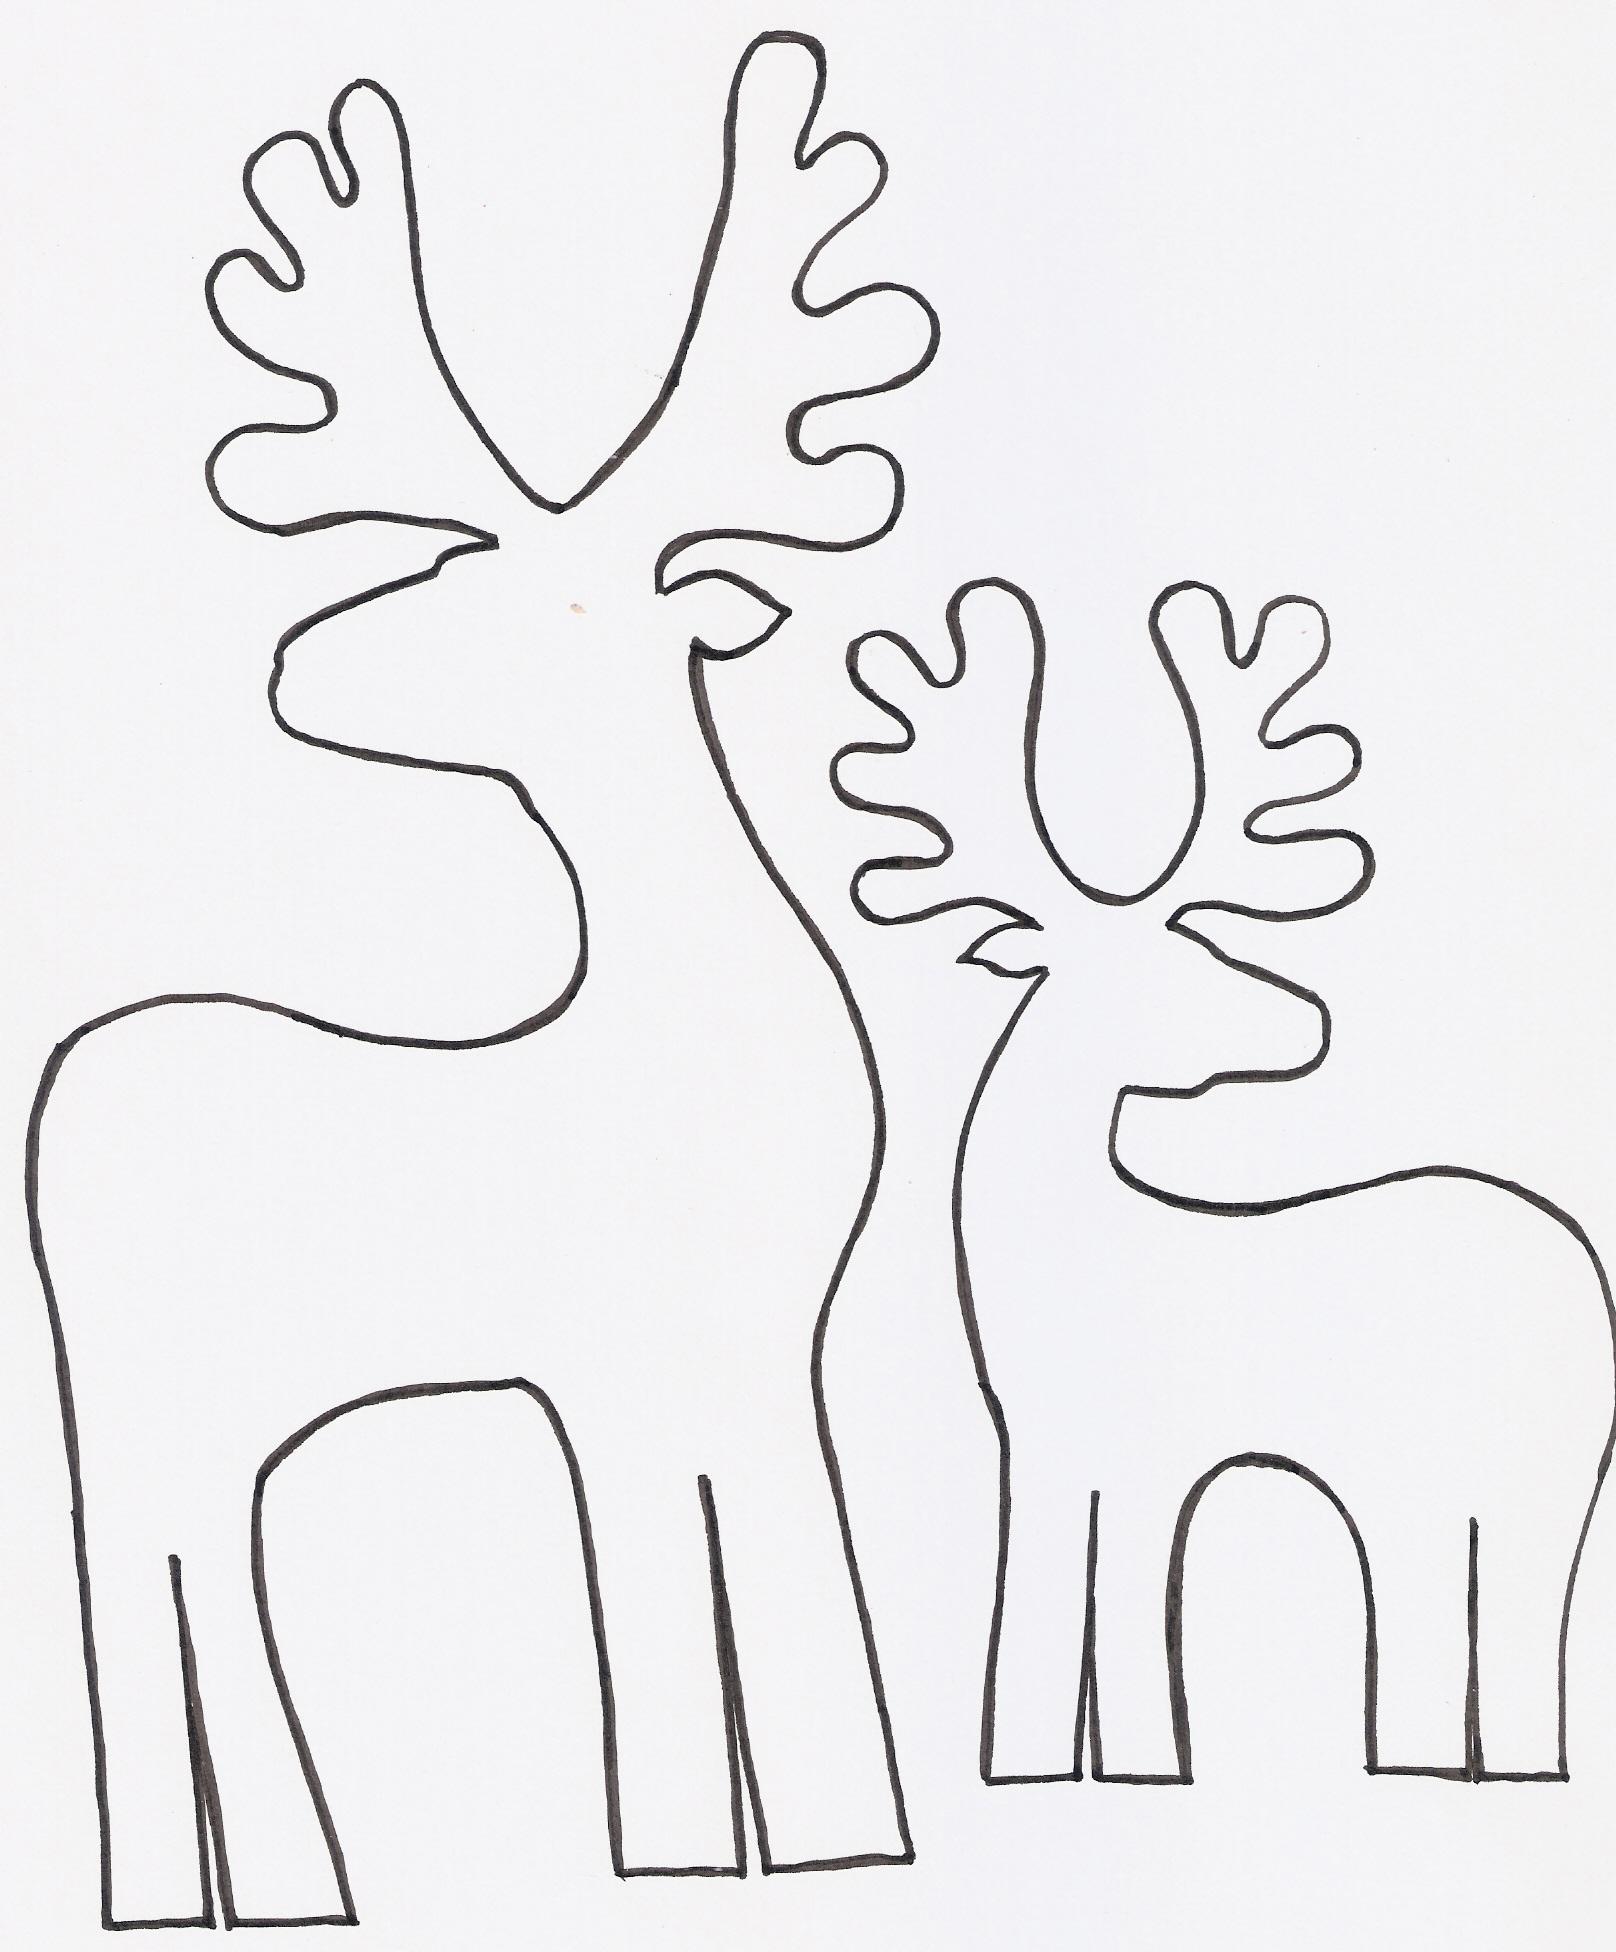 Plantillas Para Decorar Ventanas En Navidad.Recortables Para Navidad Doordresser Doordresser Blog